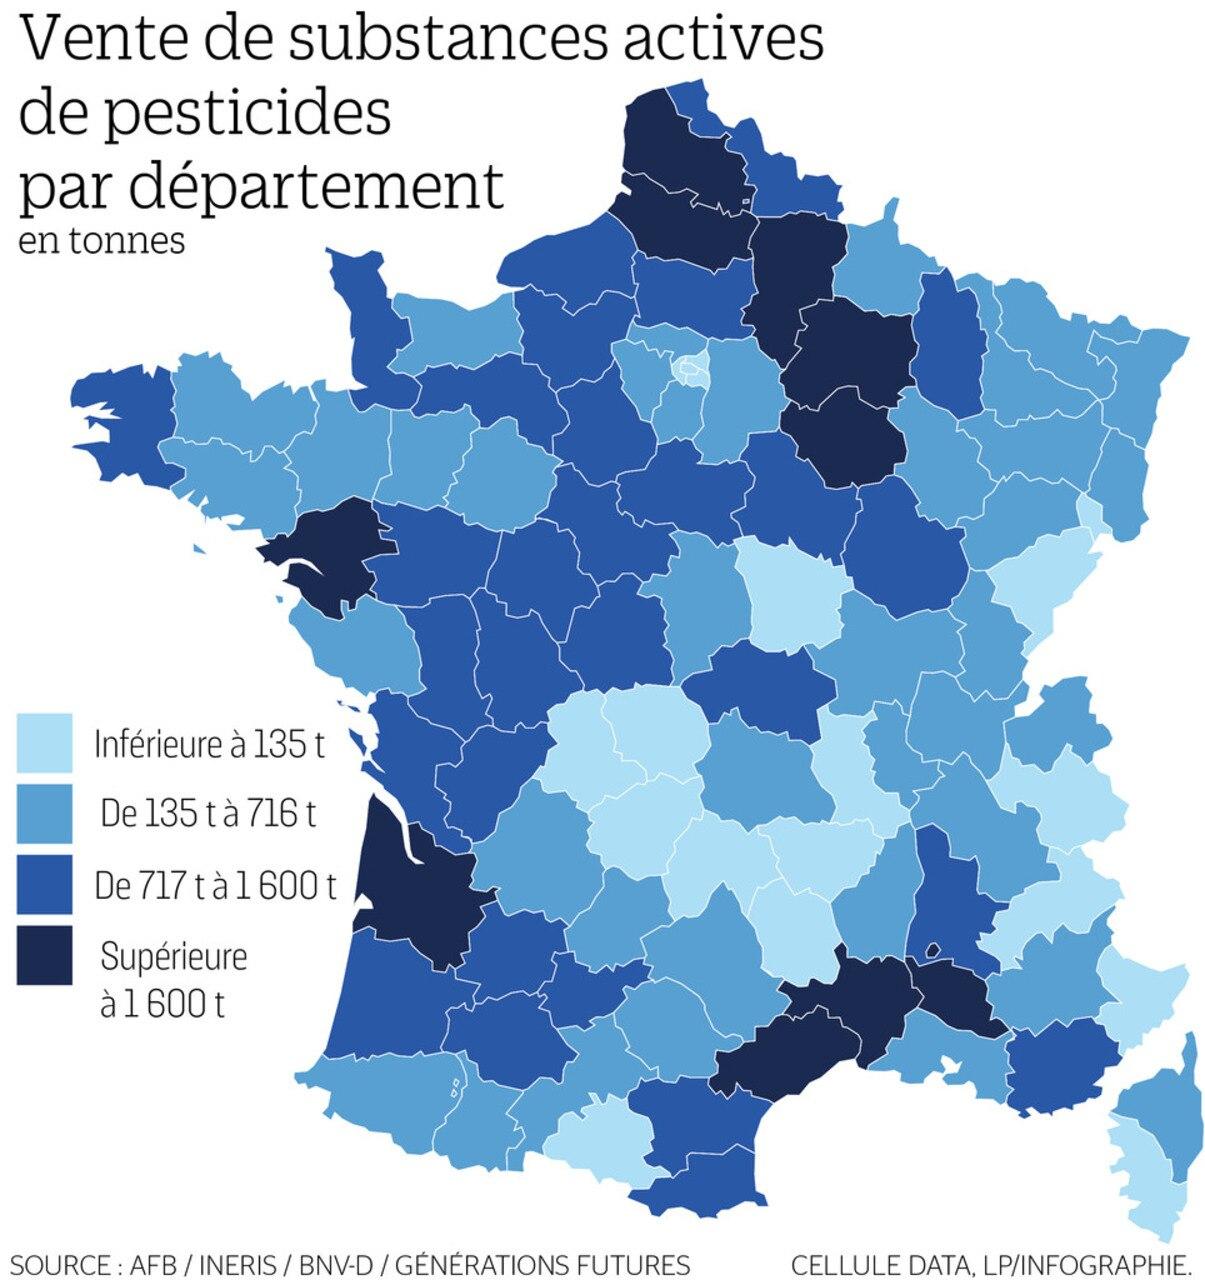 La Carte De France Des Départements Les Plus Consommateurs concernant Carte Des Départements De France 2017